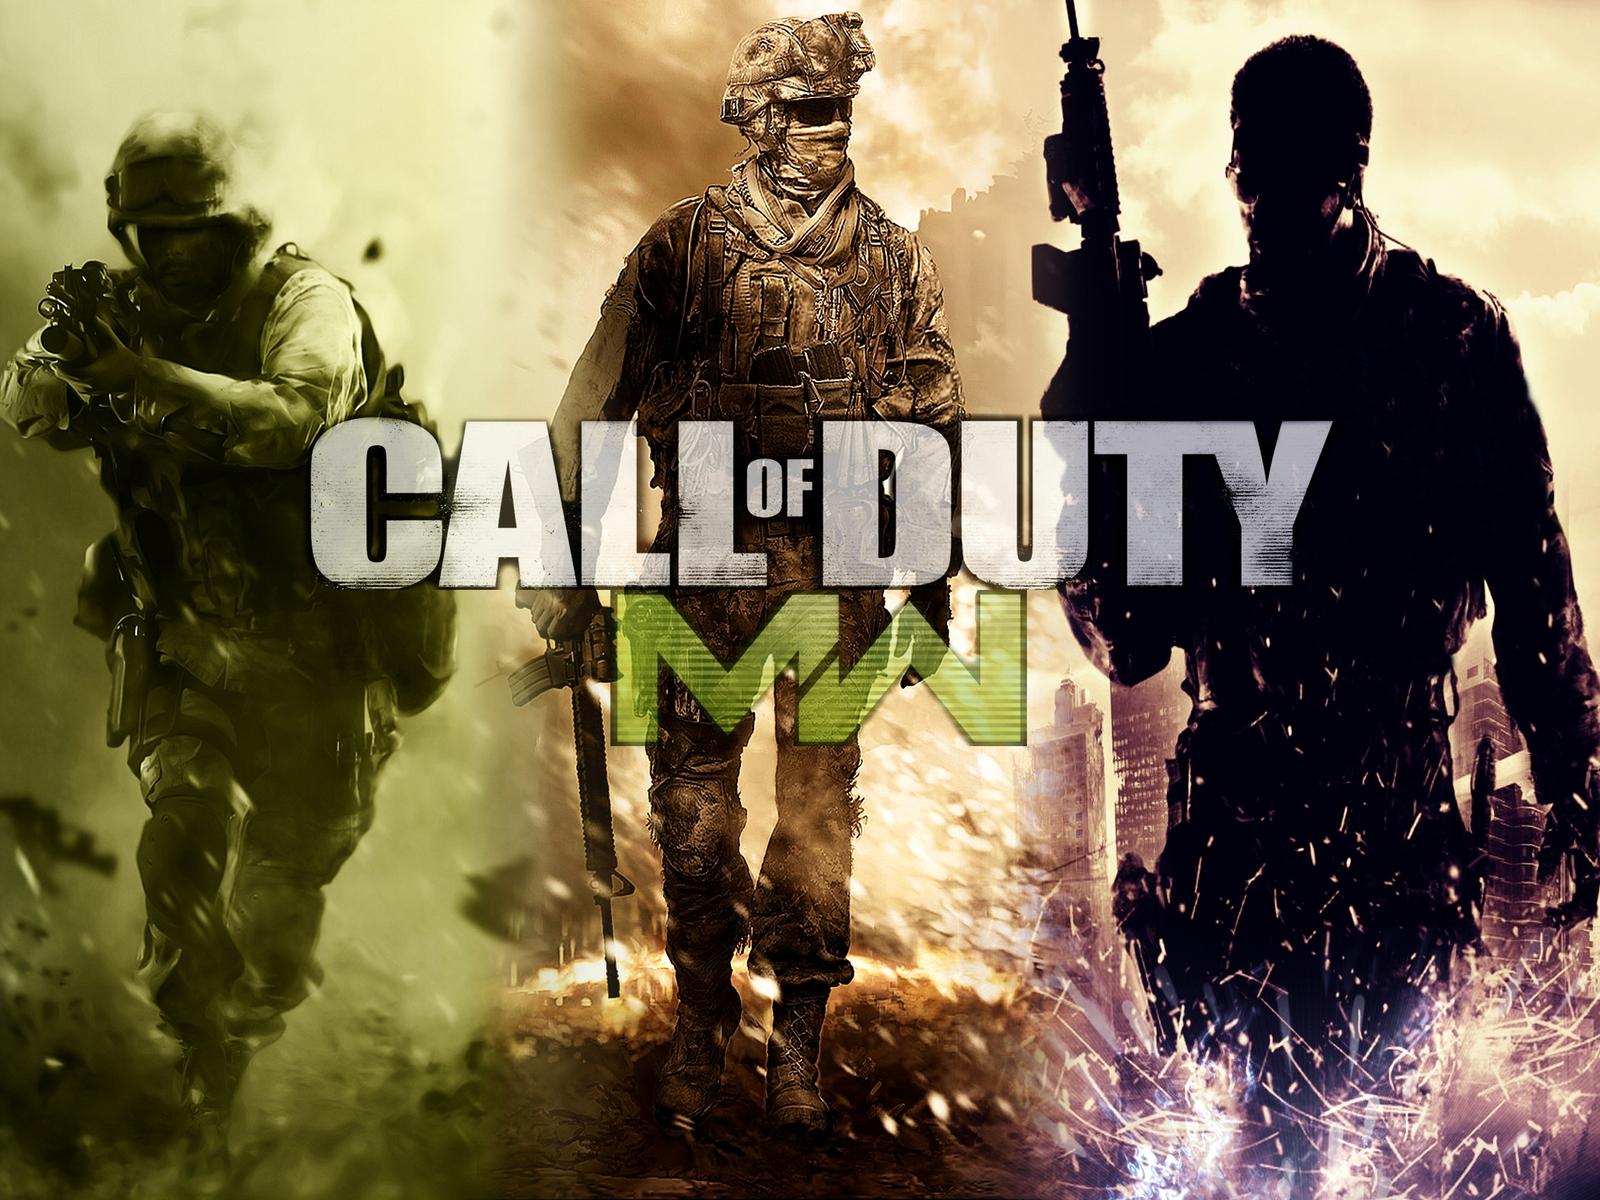 Call Of Duty Modern Warfare Poster Hd Wallpaper Wallpaperfx